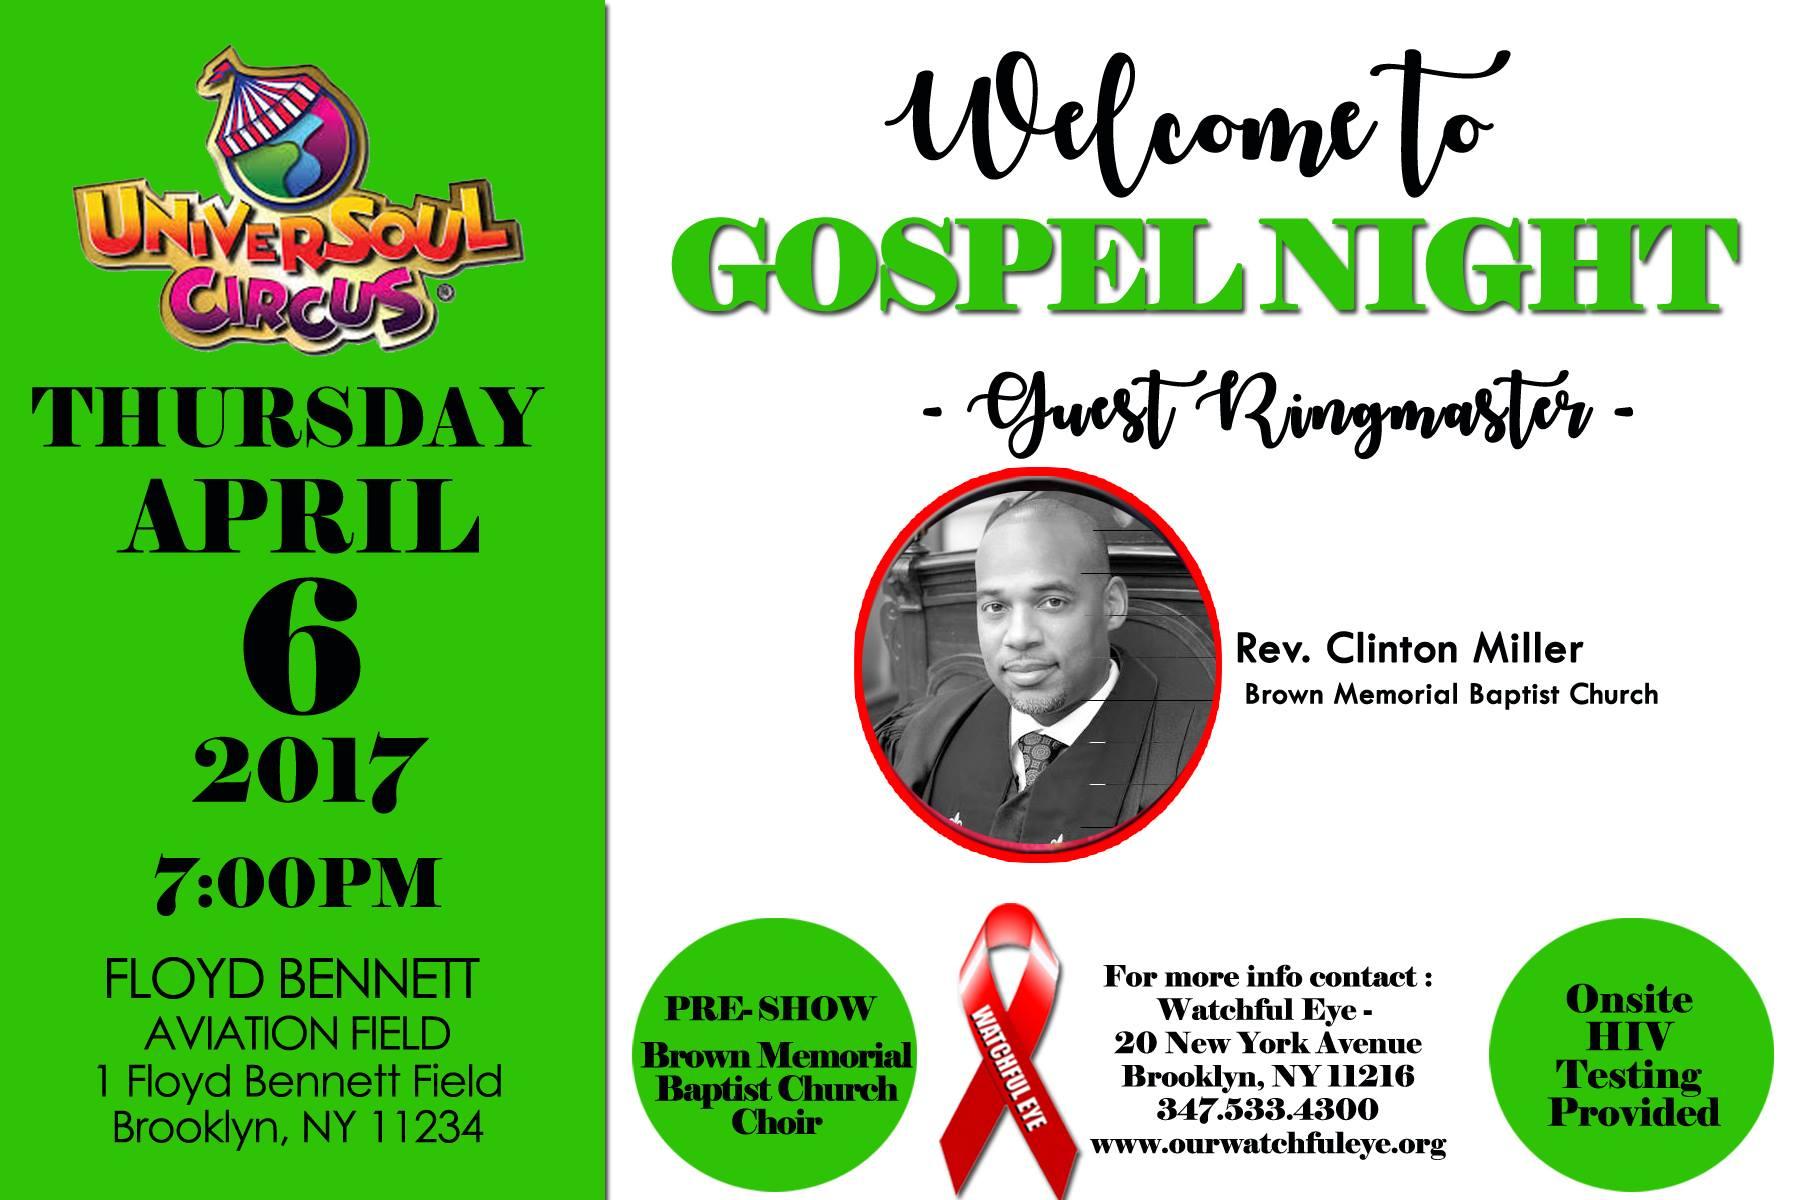 USC Gospel Night 4.6.17